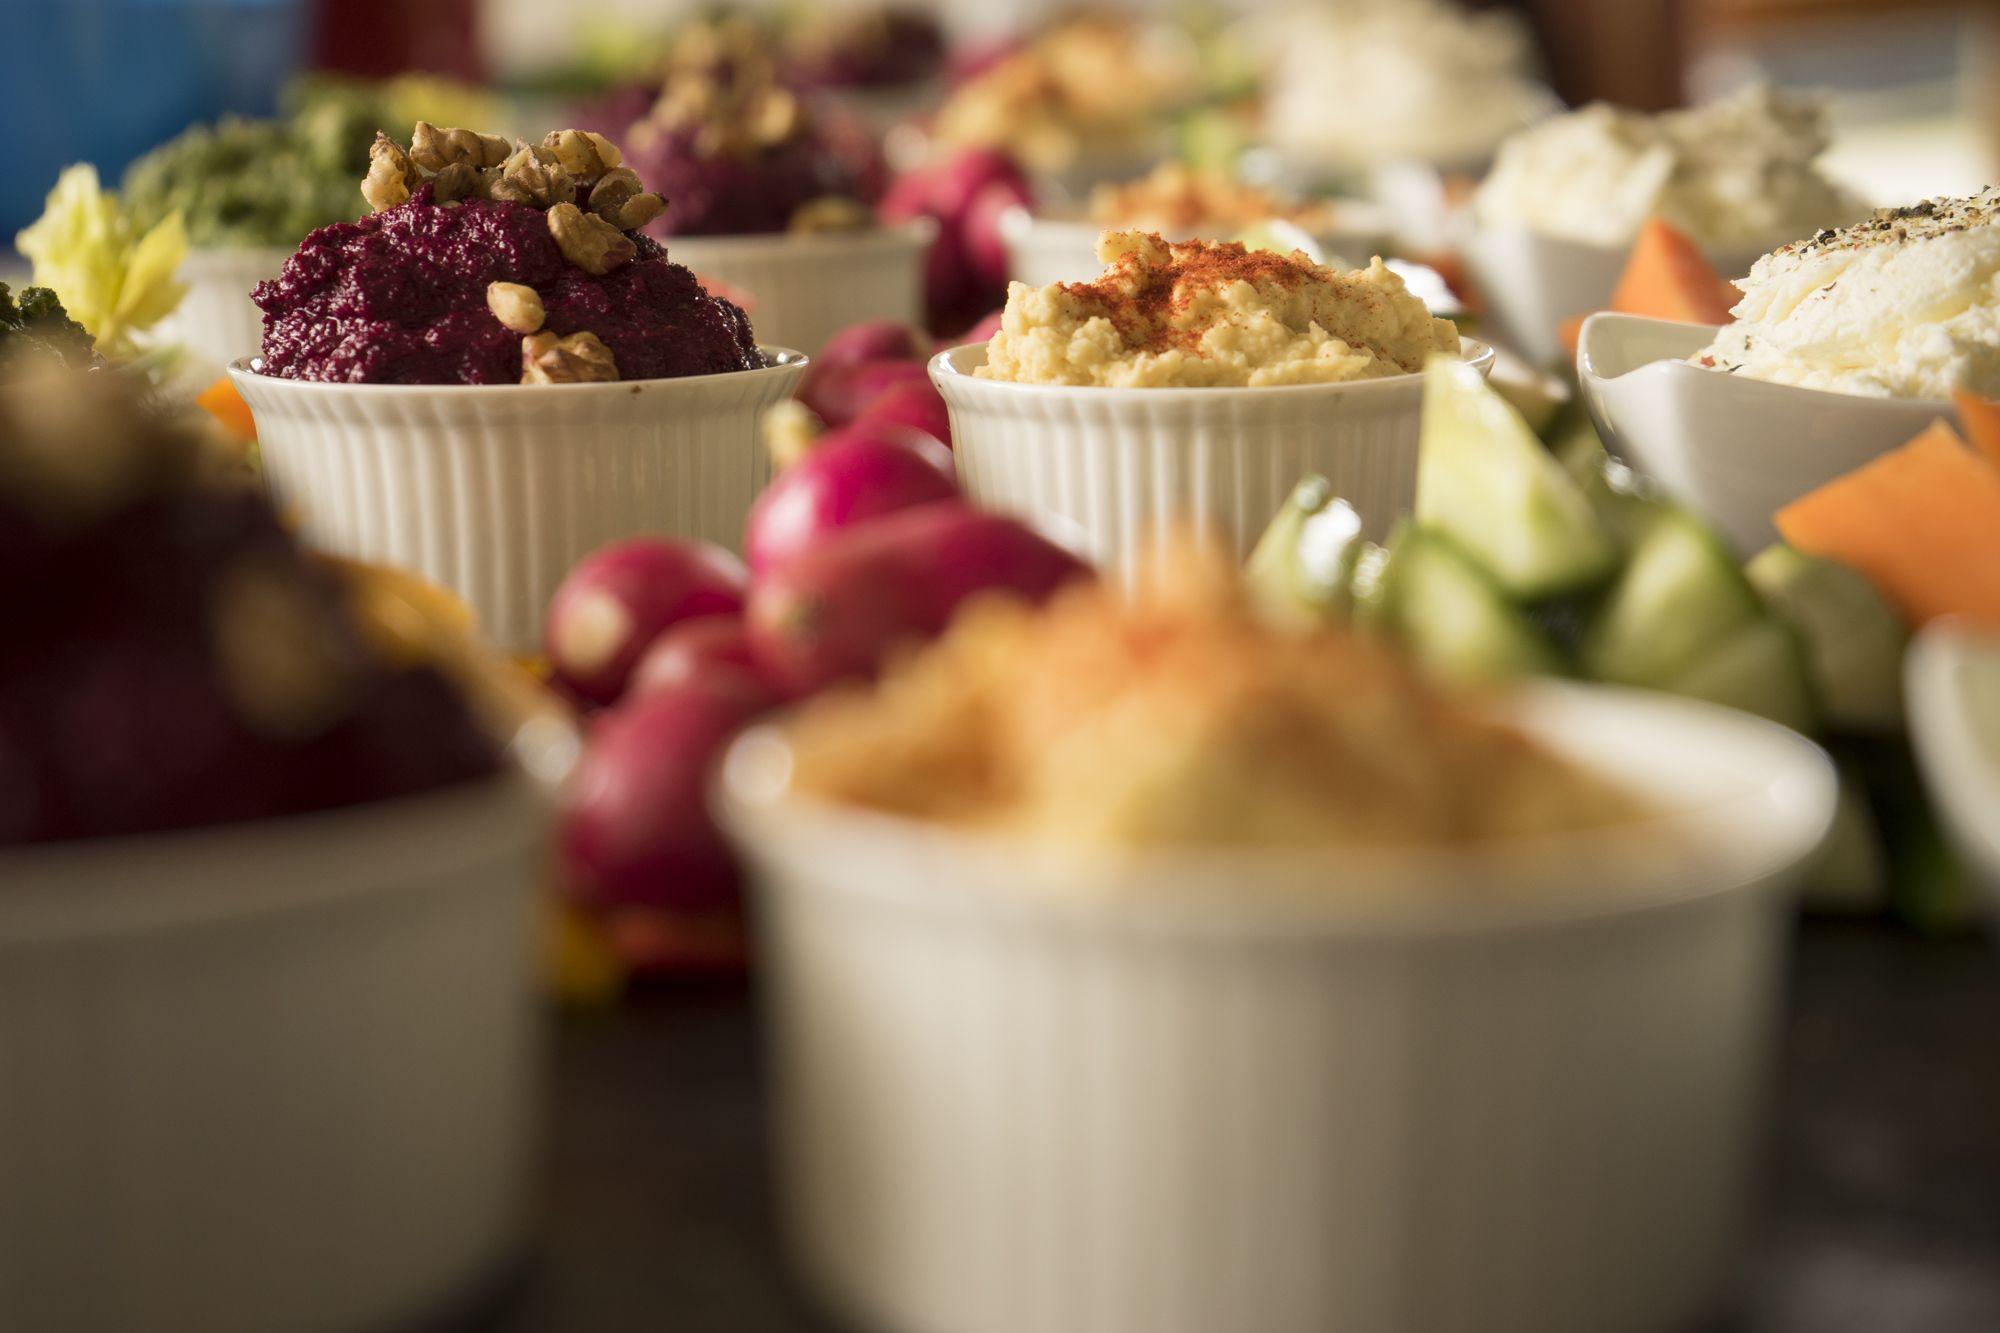 wedding platters full.jpg